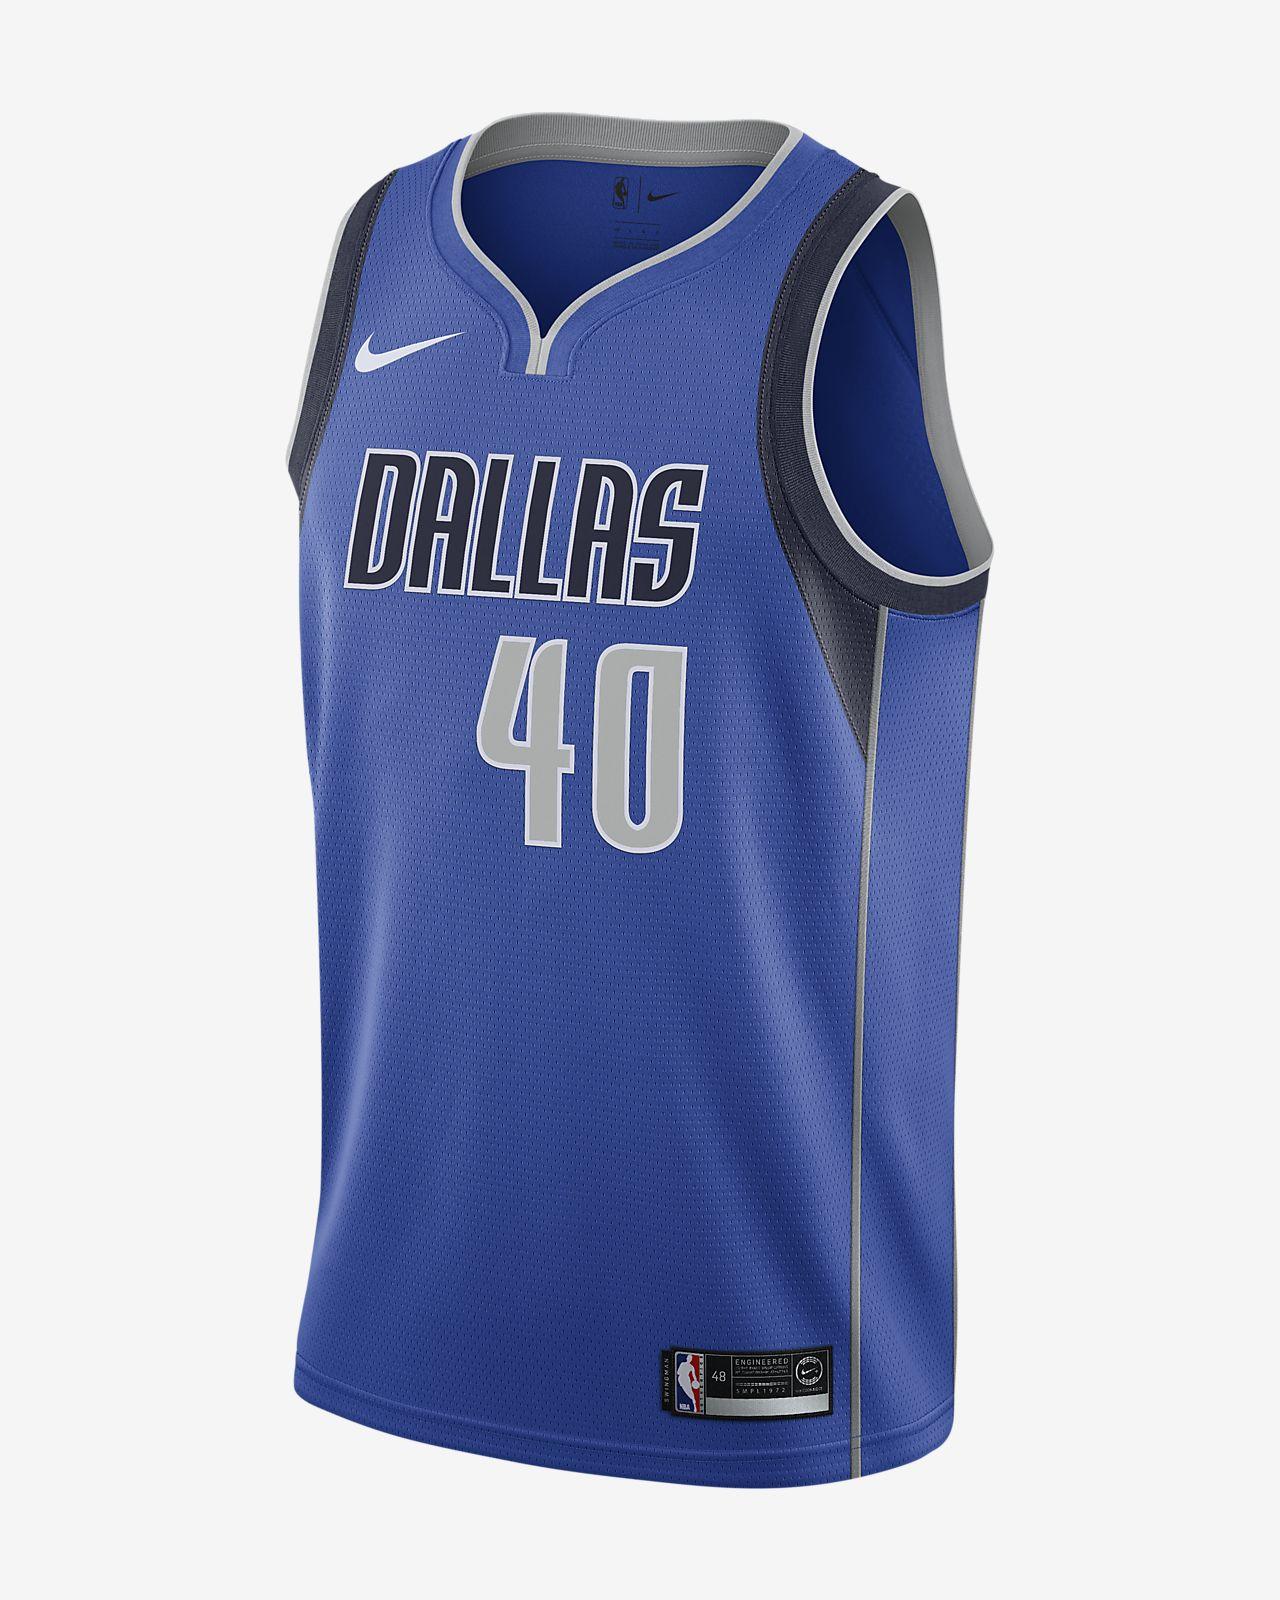 Maglia Nike NBA Connected Harrison Barnes Icon Edition Swingman (Dallas Mavericks) - Uomo